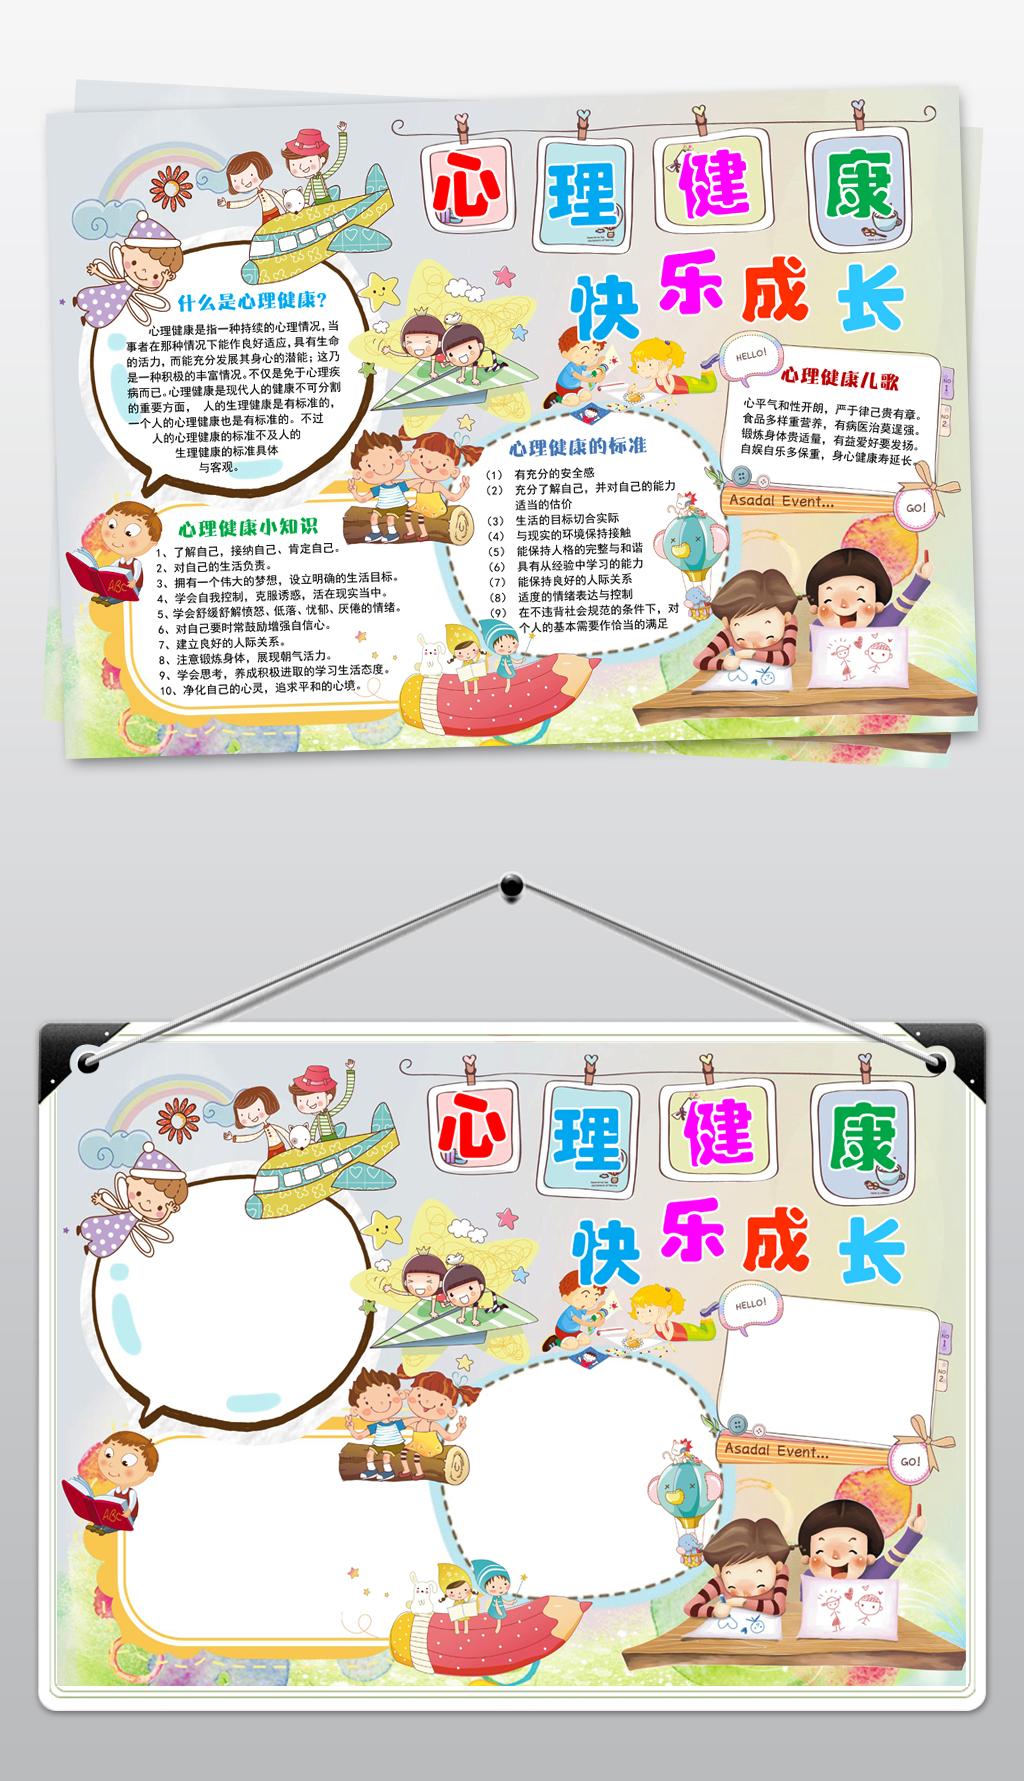 小学生心理健康教育宣传小报word模板图片